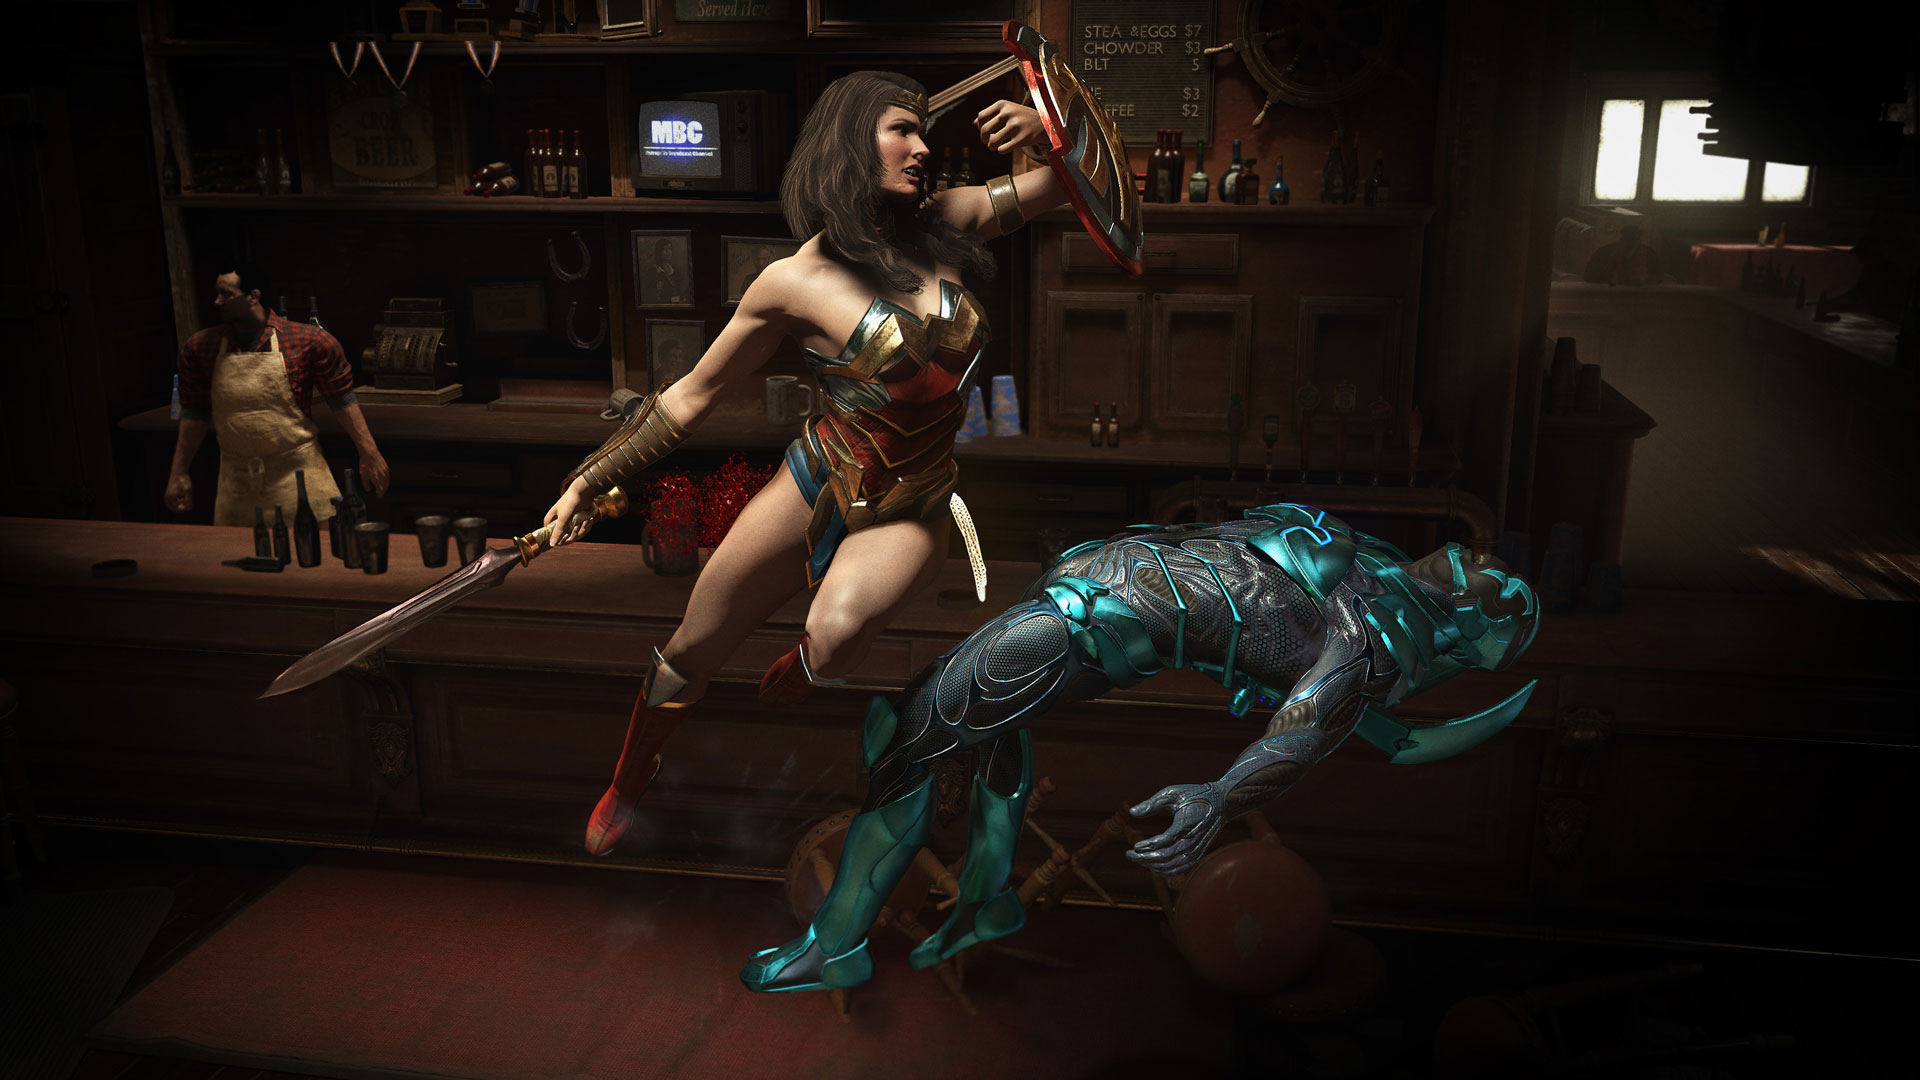 Скриншот №5 к Комплект Ultimate-издание MK11 + Injustice 2 - лег. издание